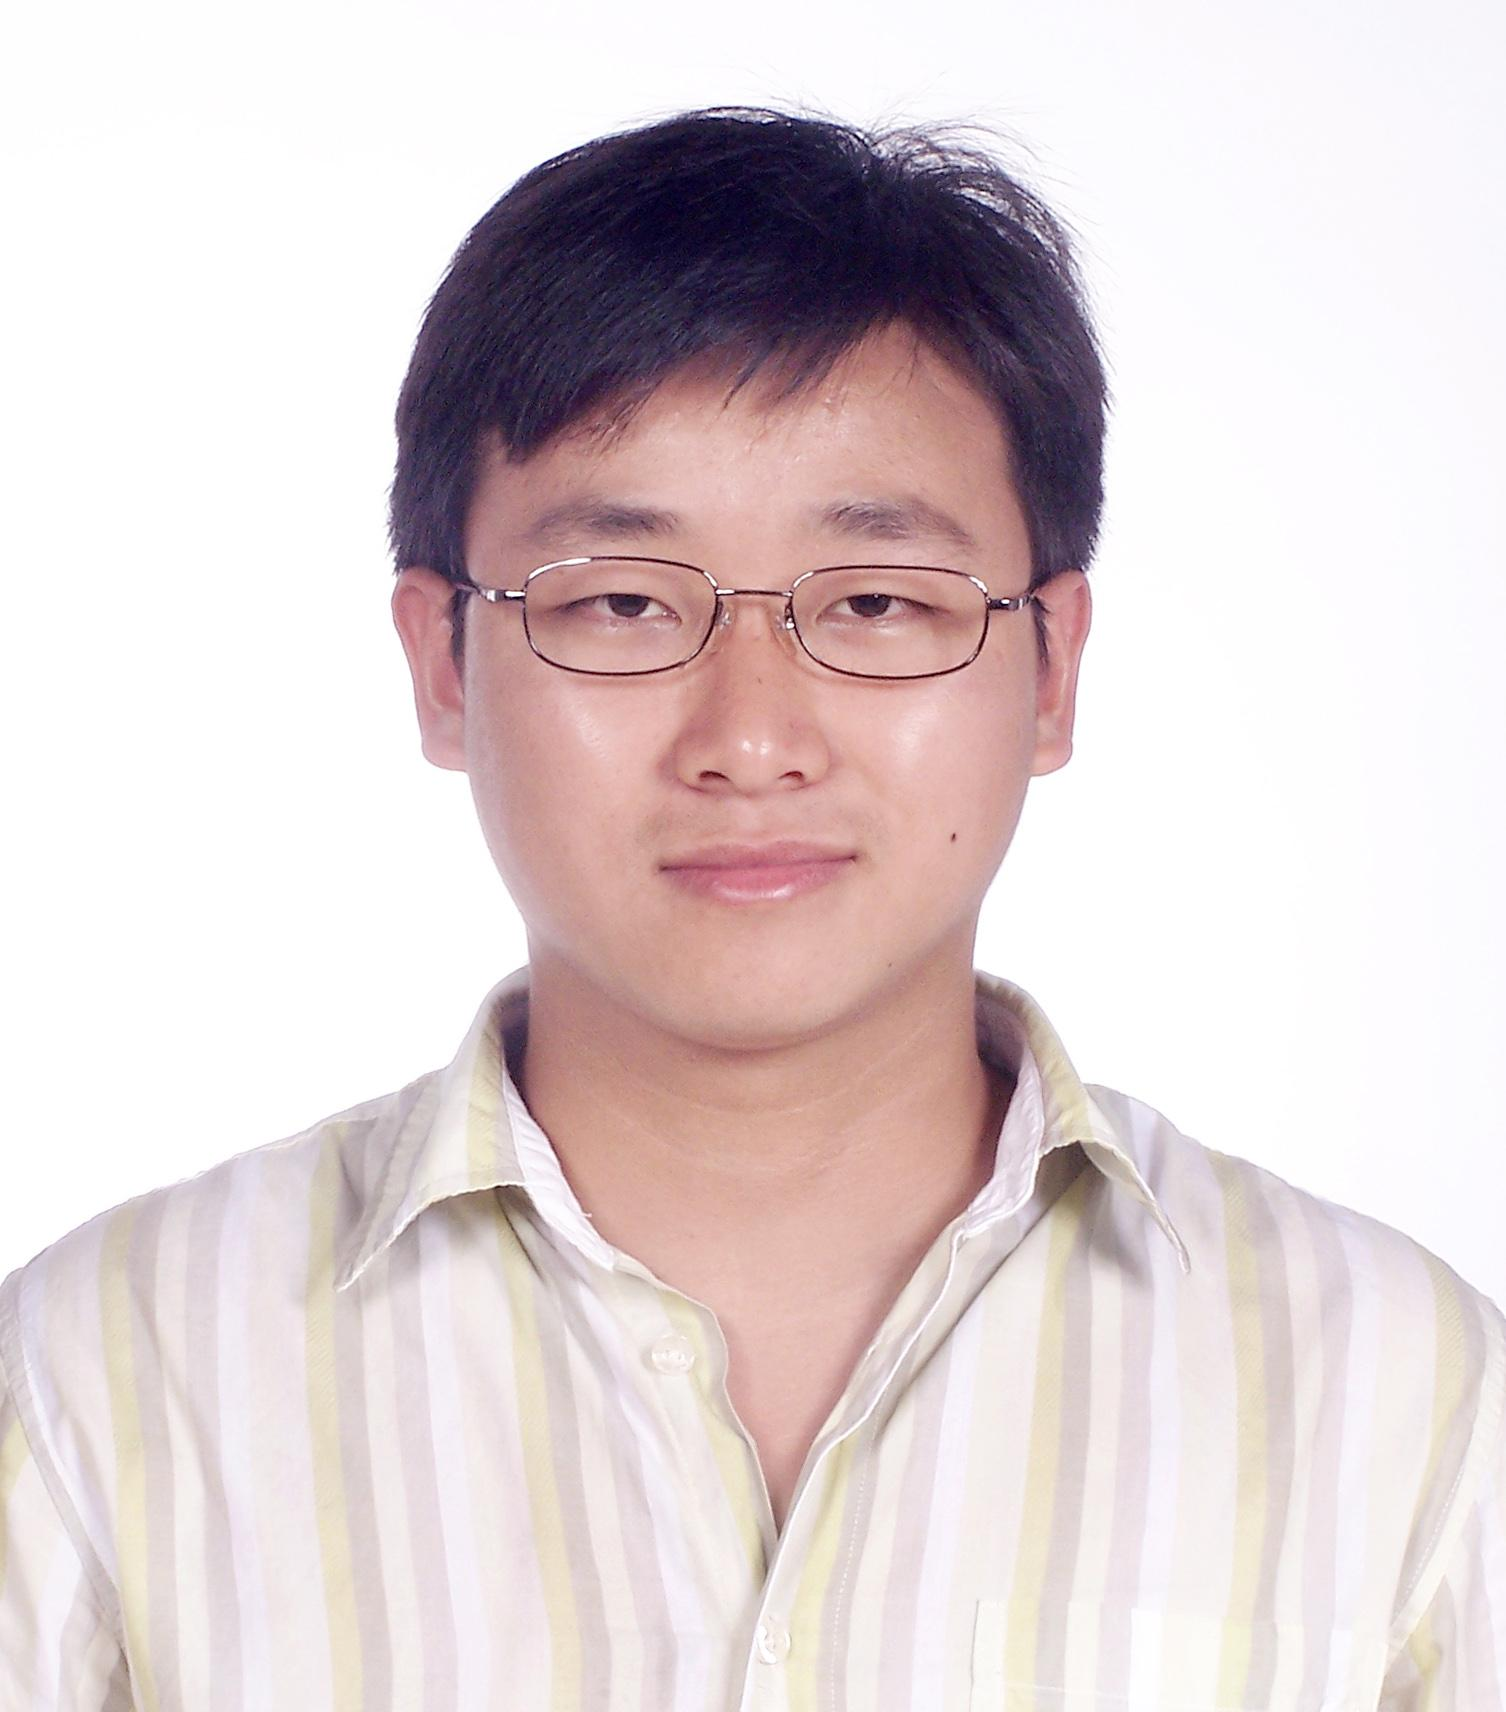 邵嗣烘 (Sihong Shao)